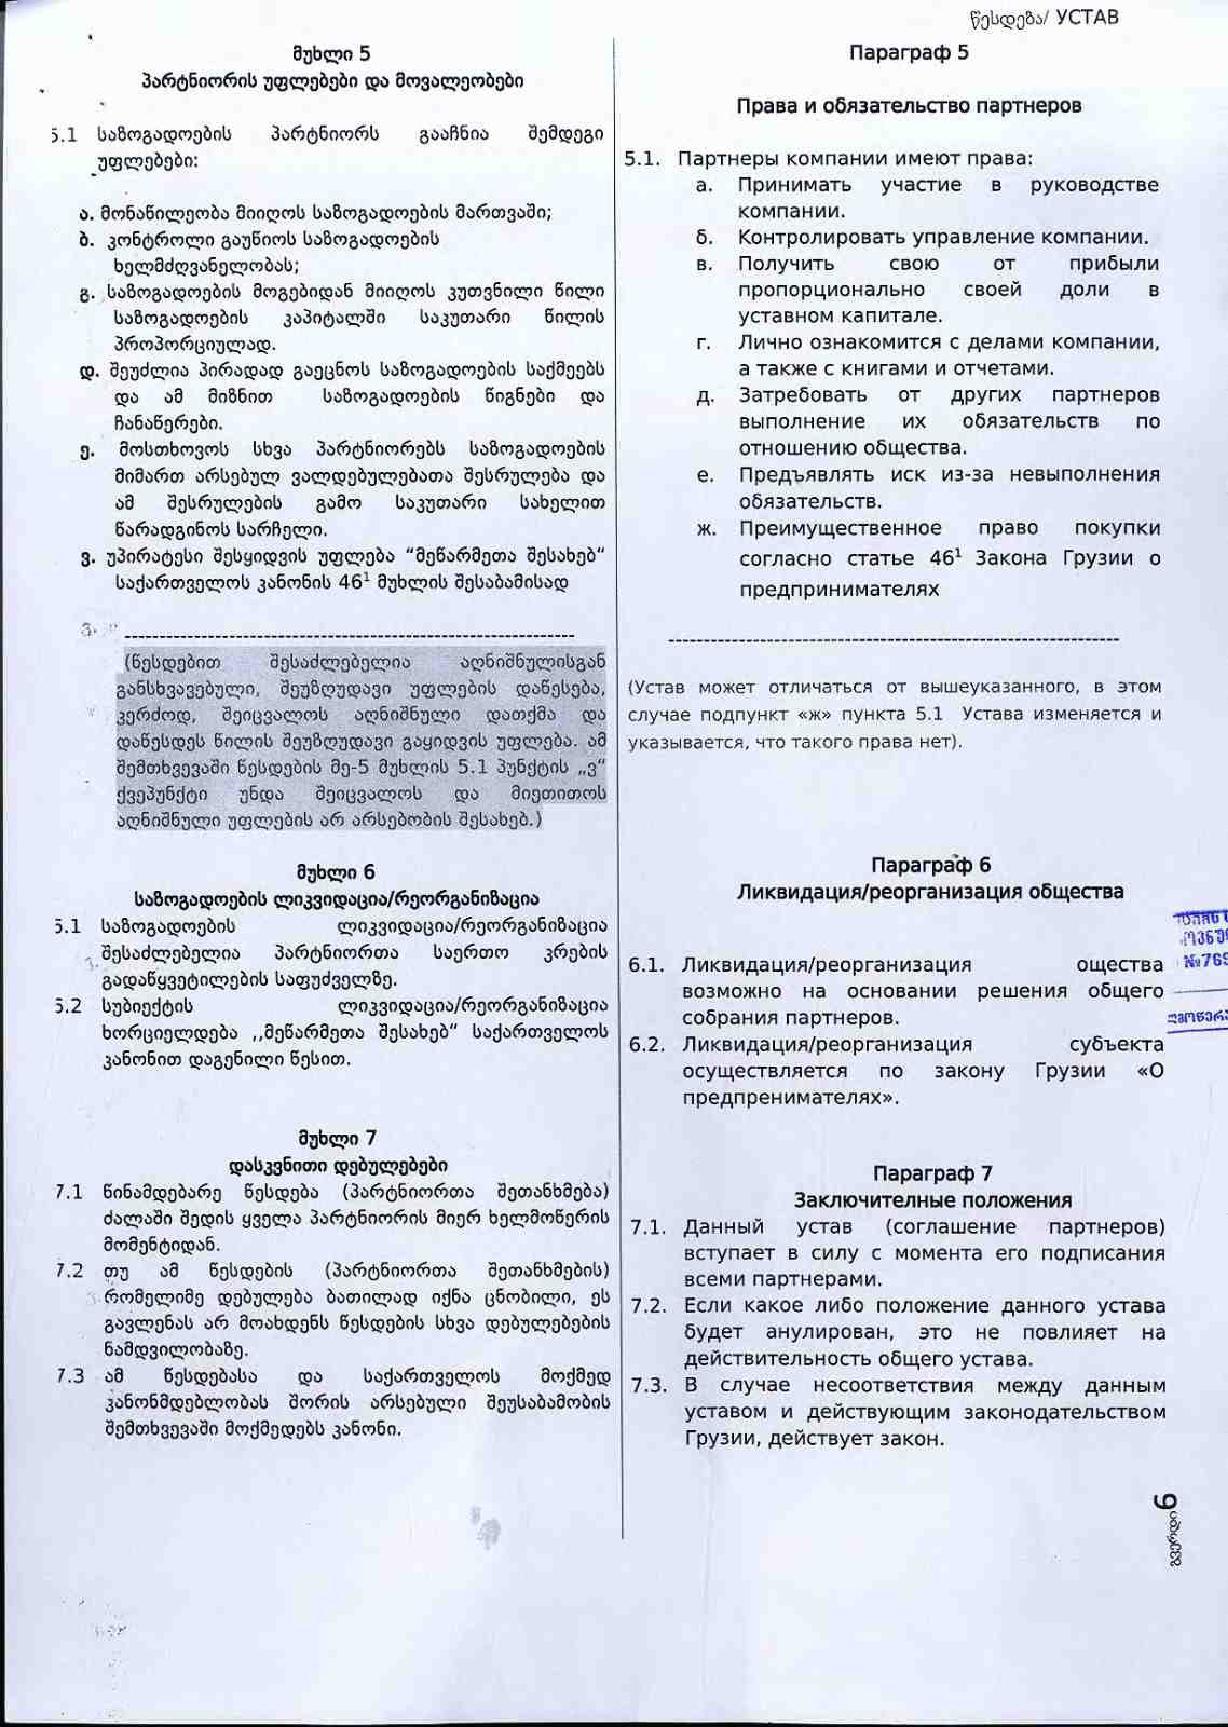 Оффшор для IT-бизнеса в Грузии: лайфхаки и подводные камни - 7